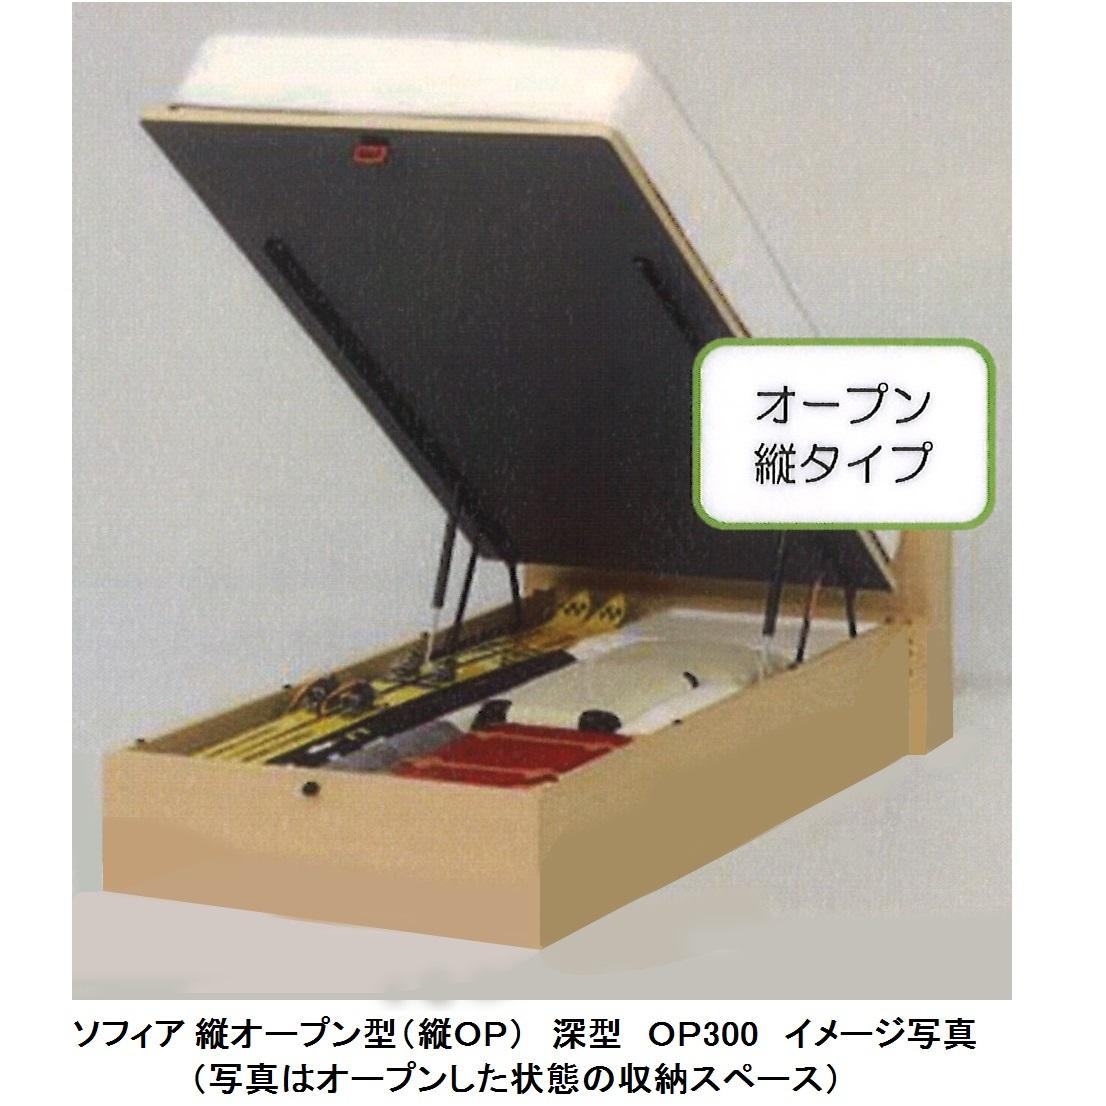 宮付きダブルベッド ソフィア縦オープン型(縦OP)深型OP300ライト付、コンセント付2色対応(DO色・NA色)マット別売要在庫確認